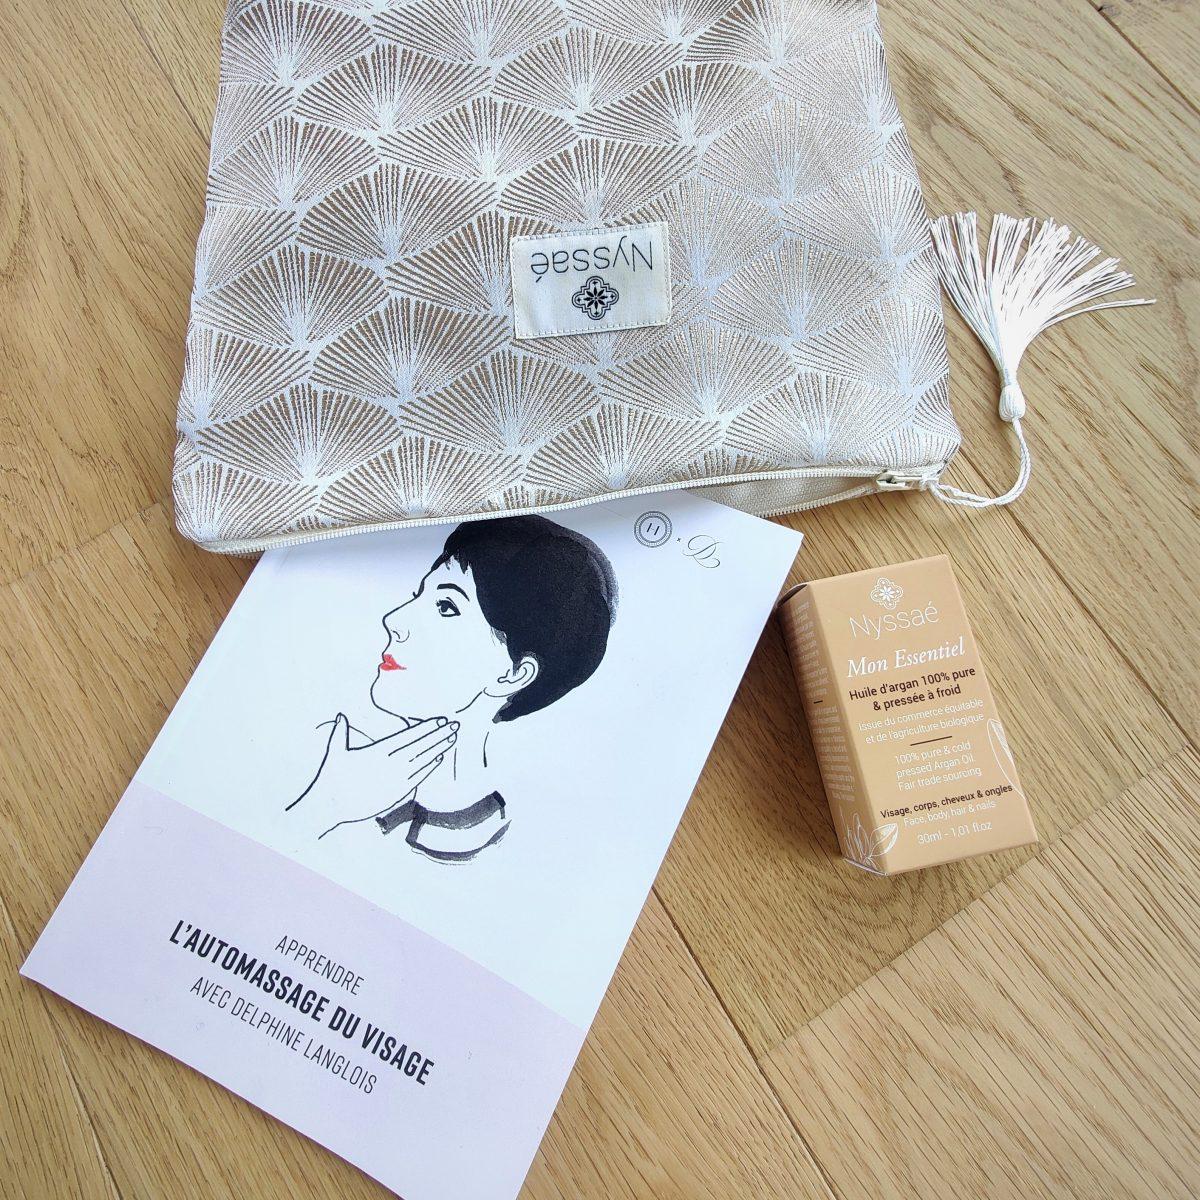 Collaboration avec Delphine Langlois_Nyssaé Skincare